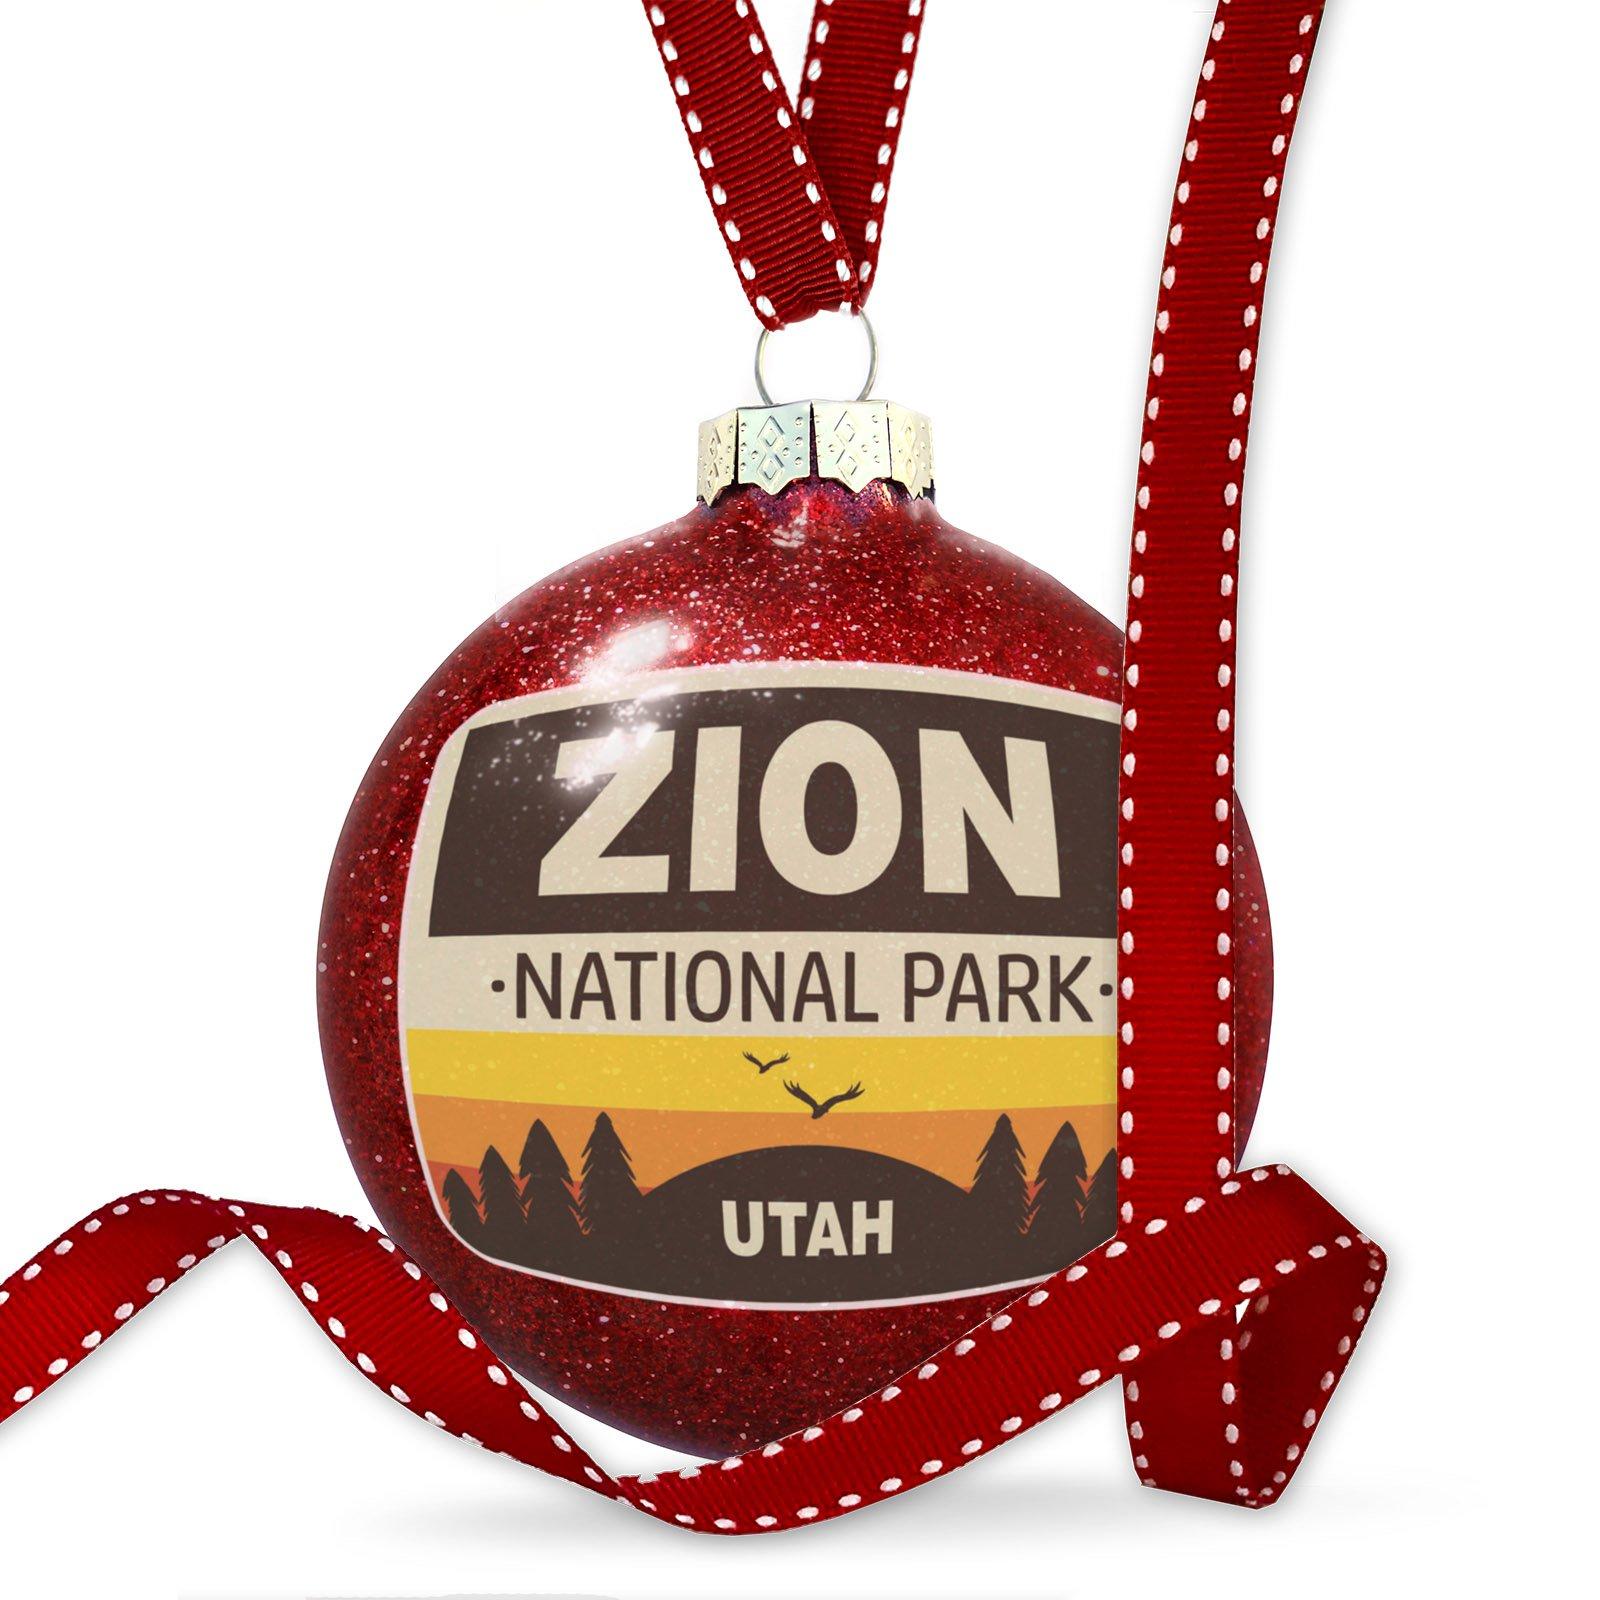 Christmas Decoration National Park Zion Ornament